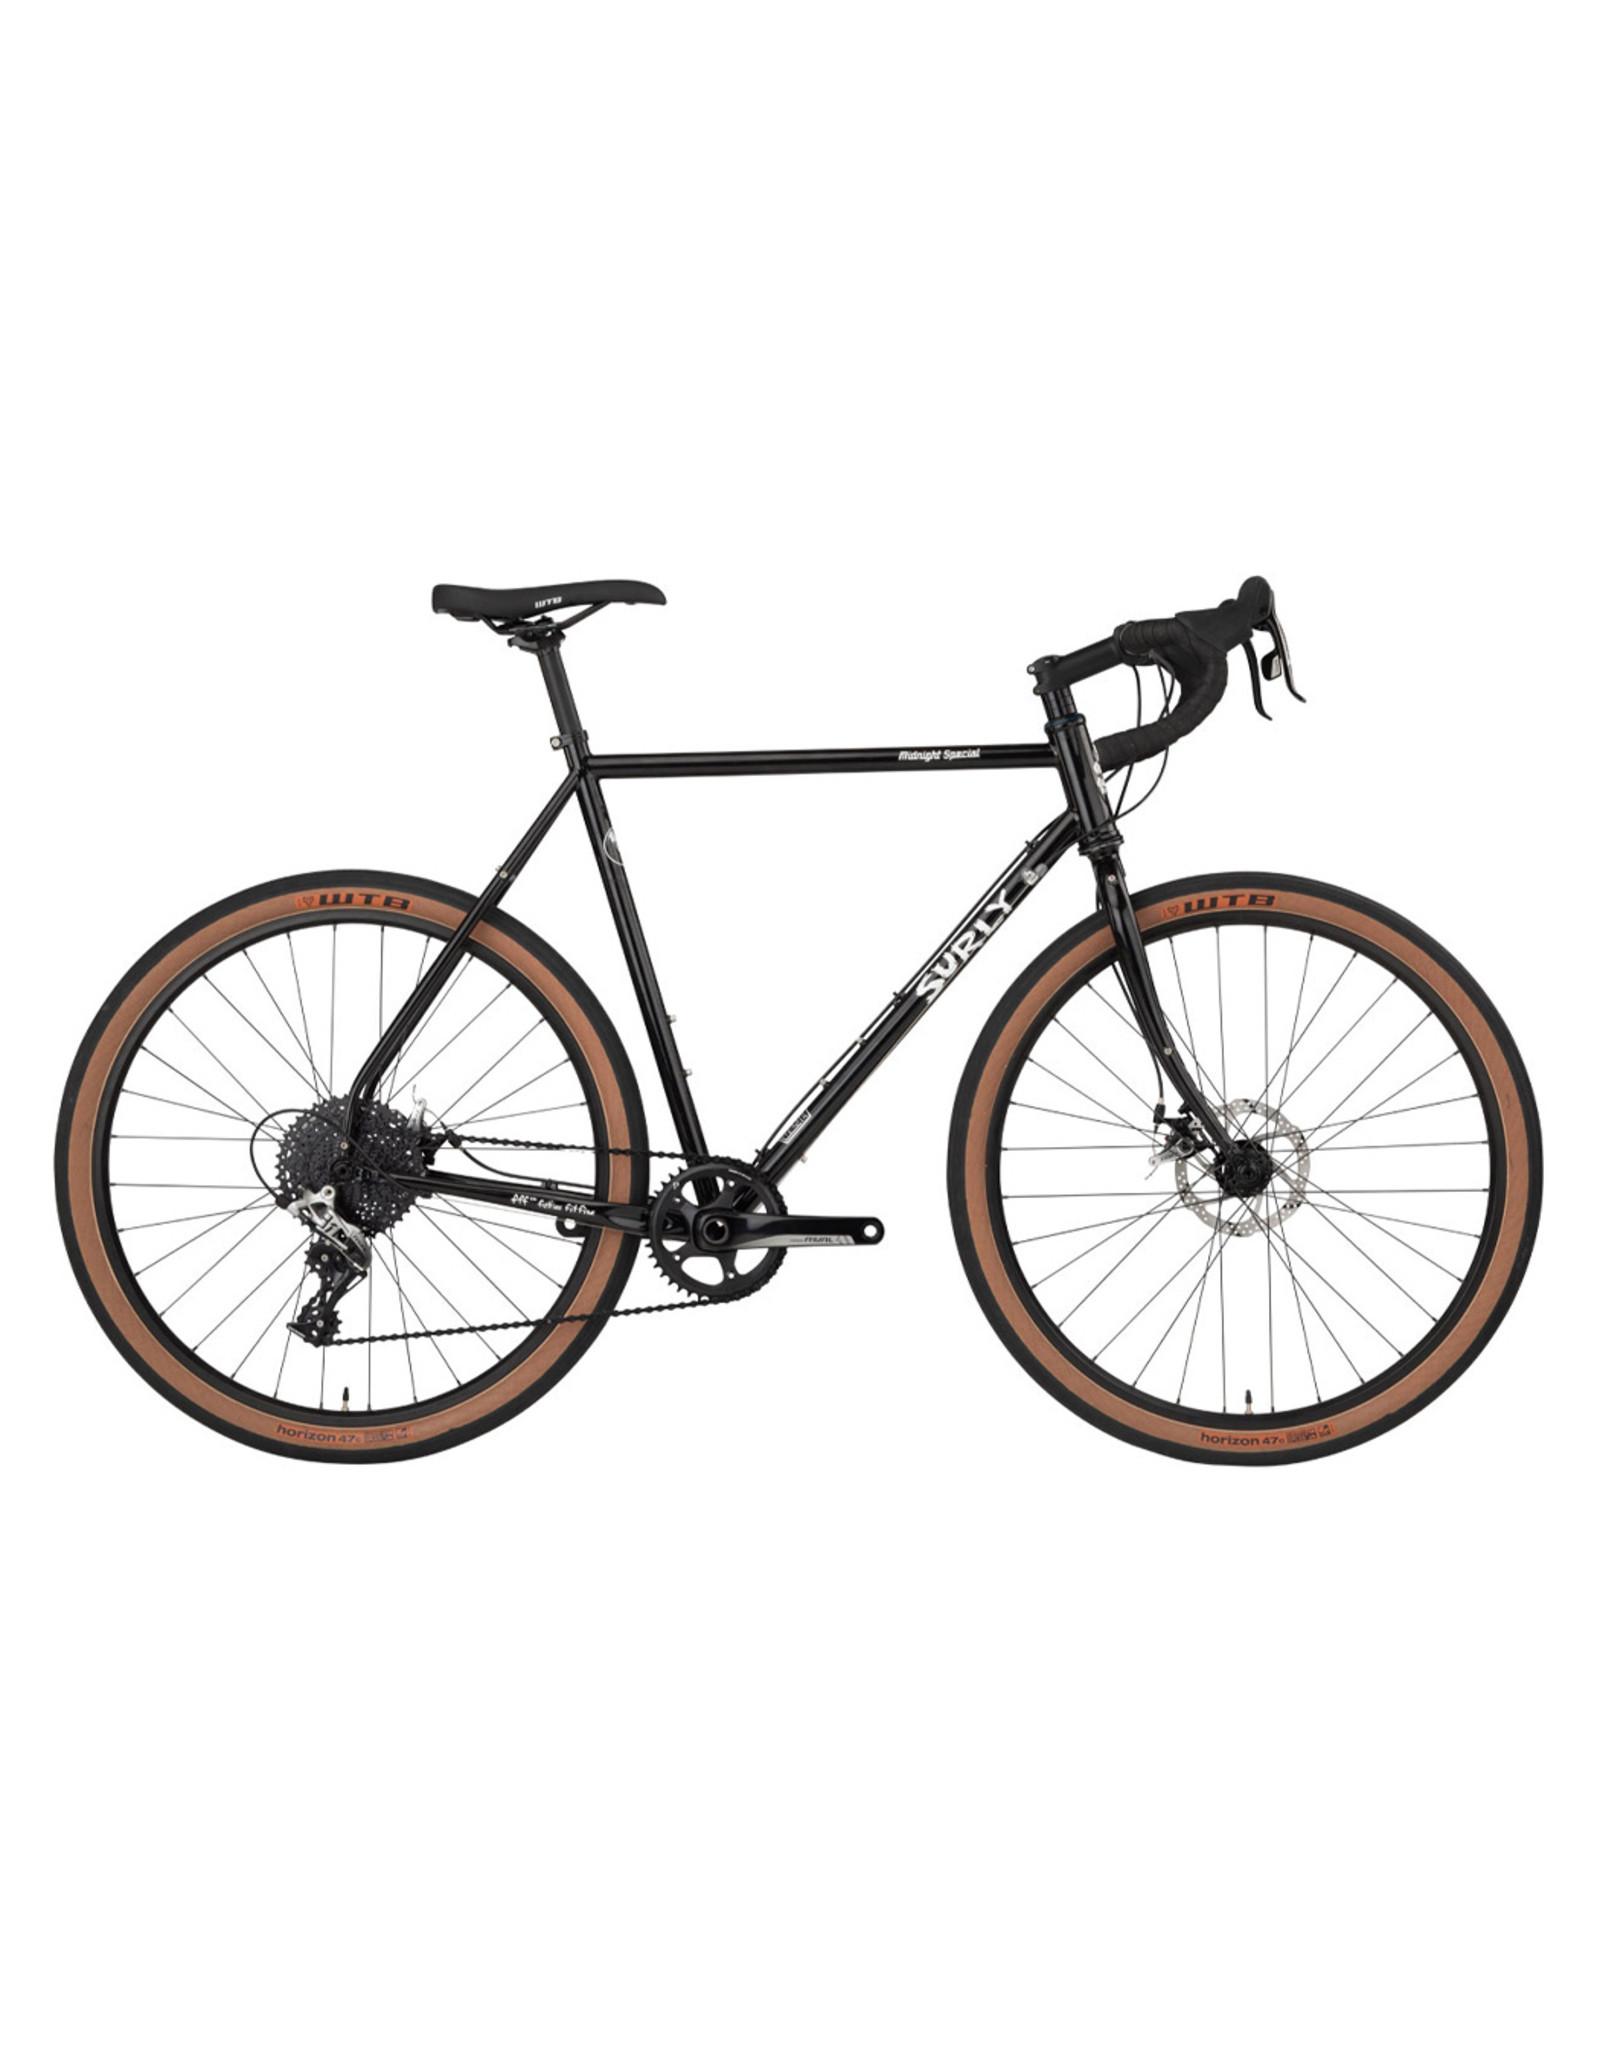 Surly Midnight Special Bike 46 cm